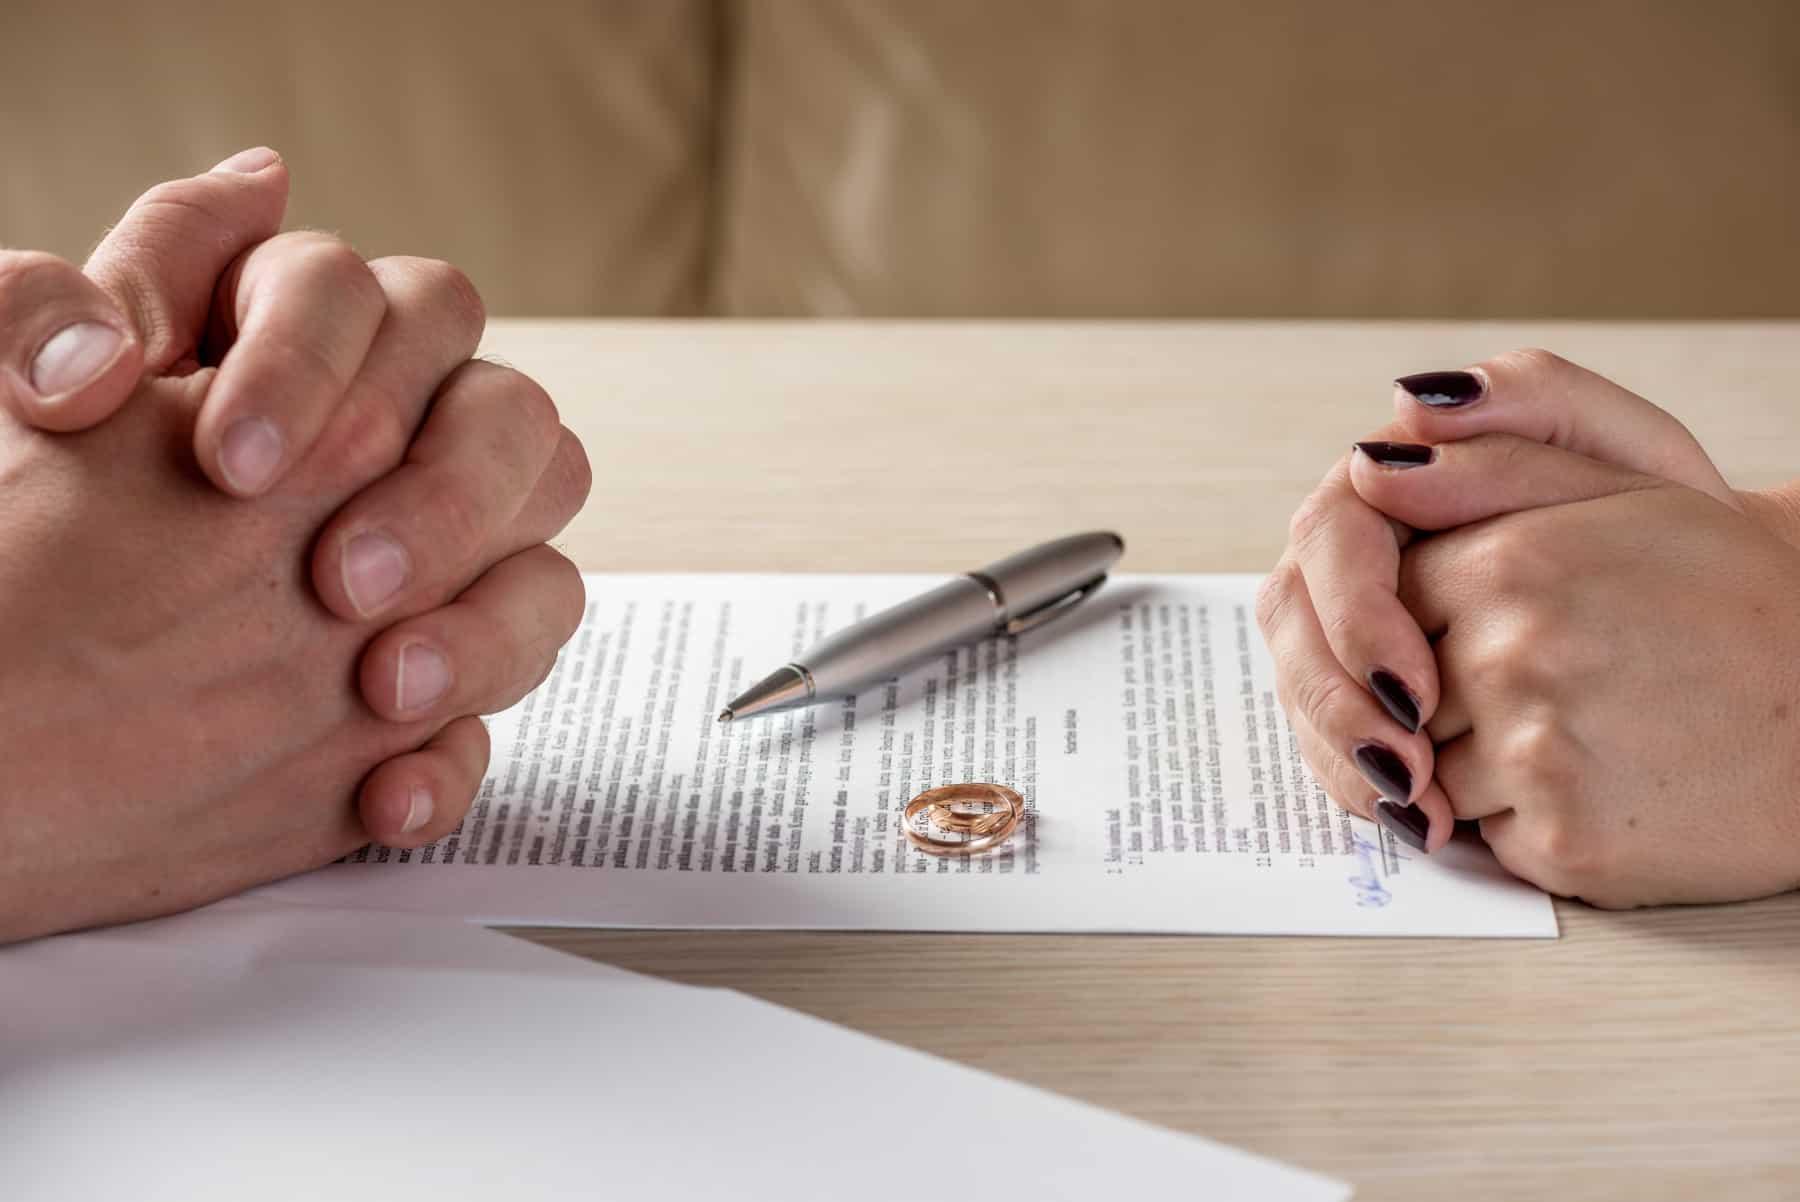 Insbesondere Unternehmer sollten sich gegen die wirtschaftlichen Folgen einer gescheiterten Ehe absichern.